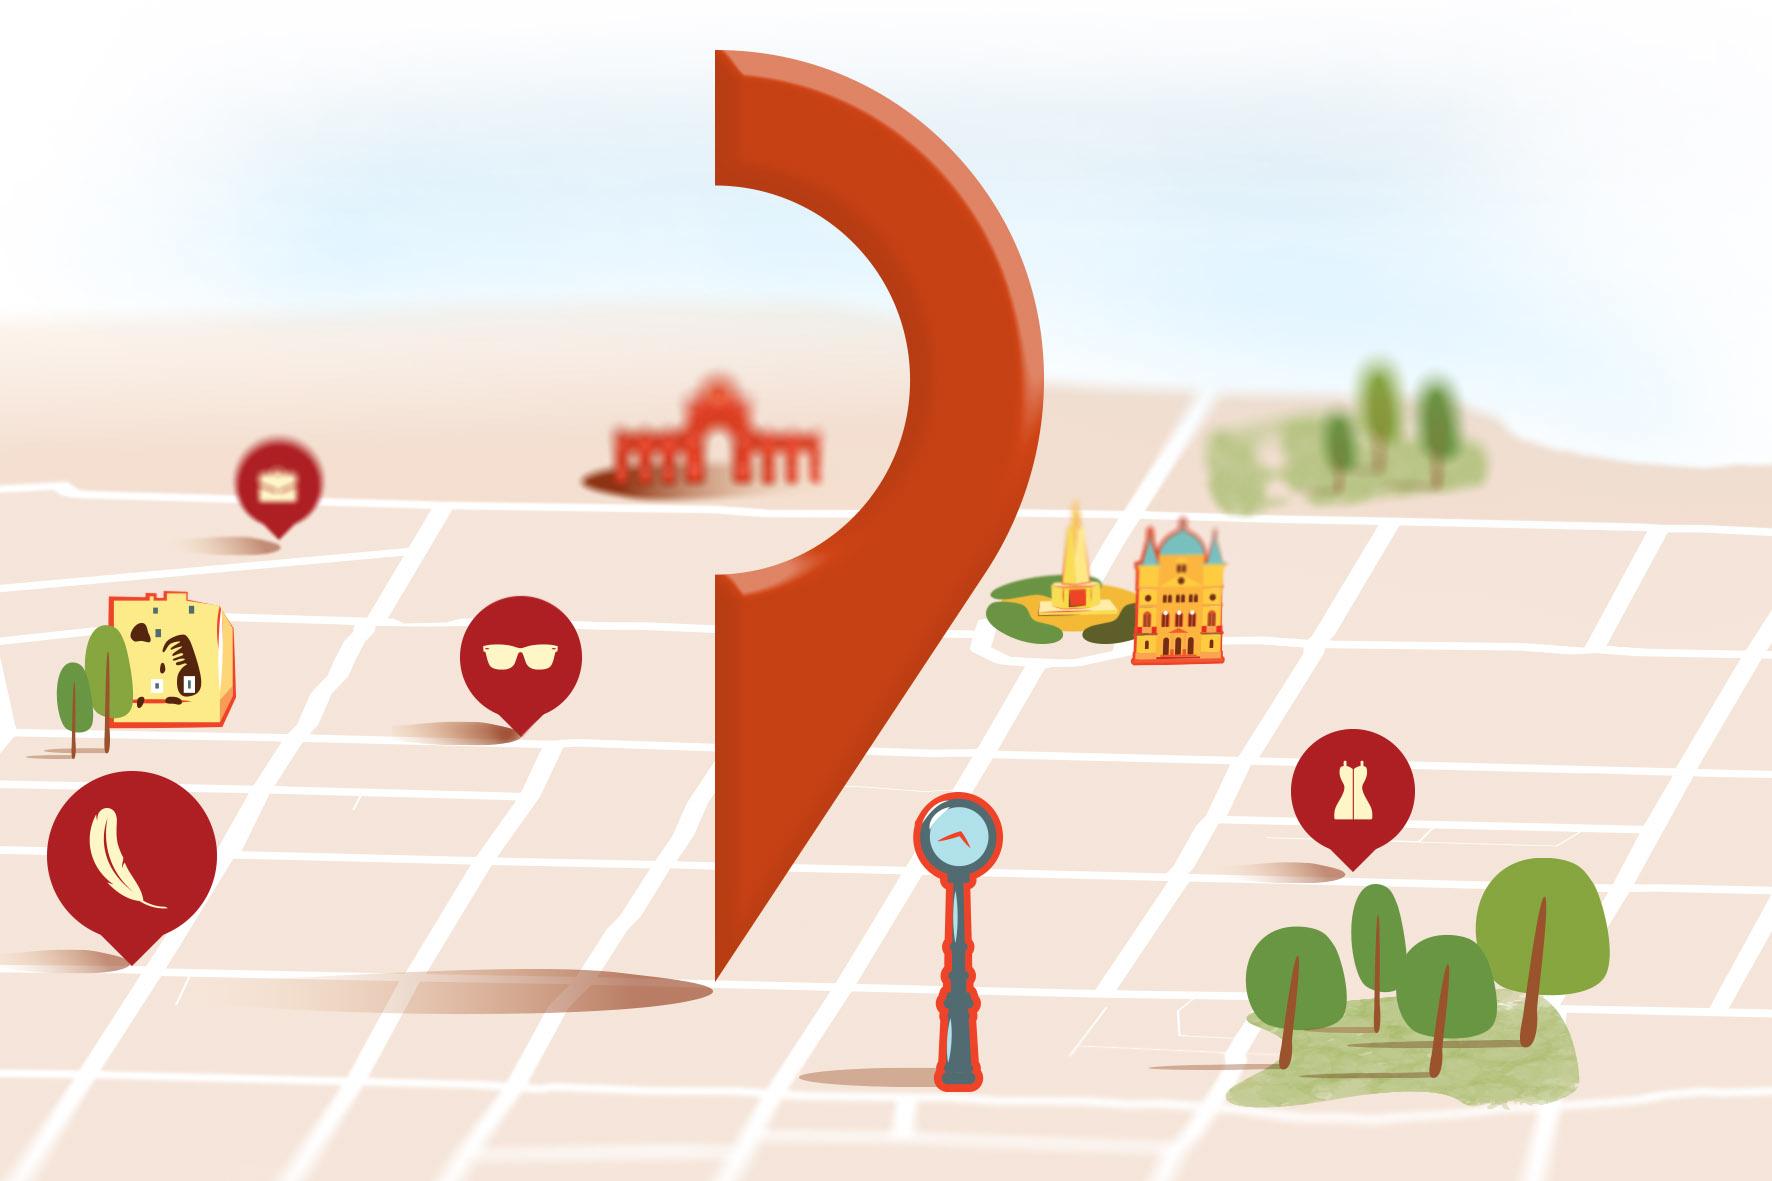 KLIKNIJ i pobierz mapę turystyczną ginących zawodów w Łodzi